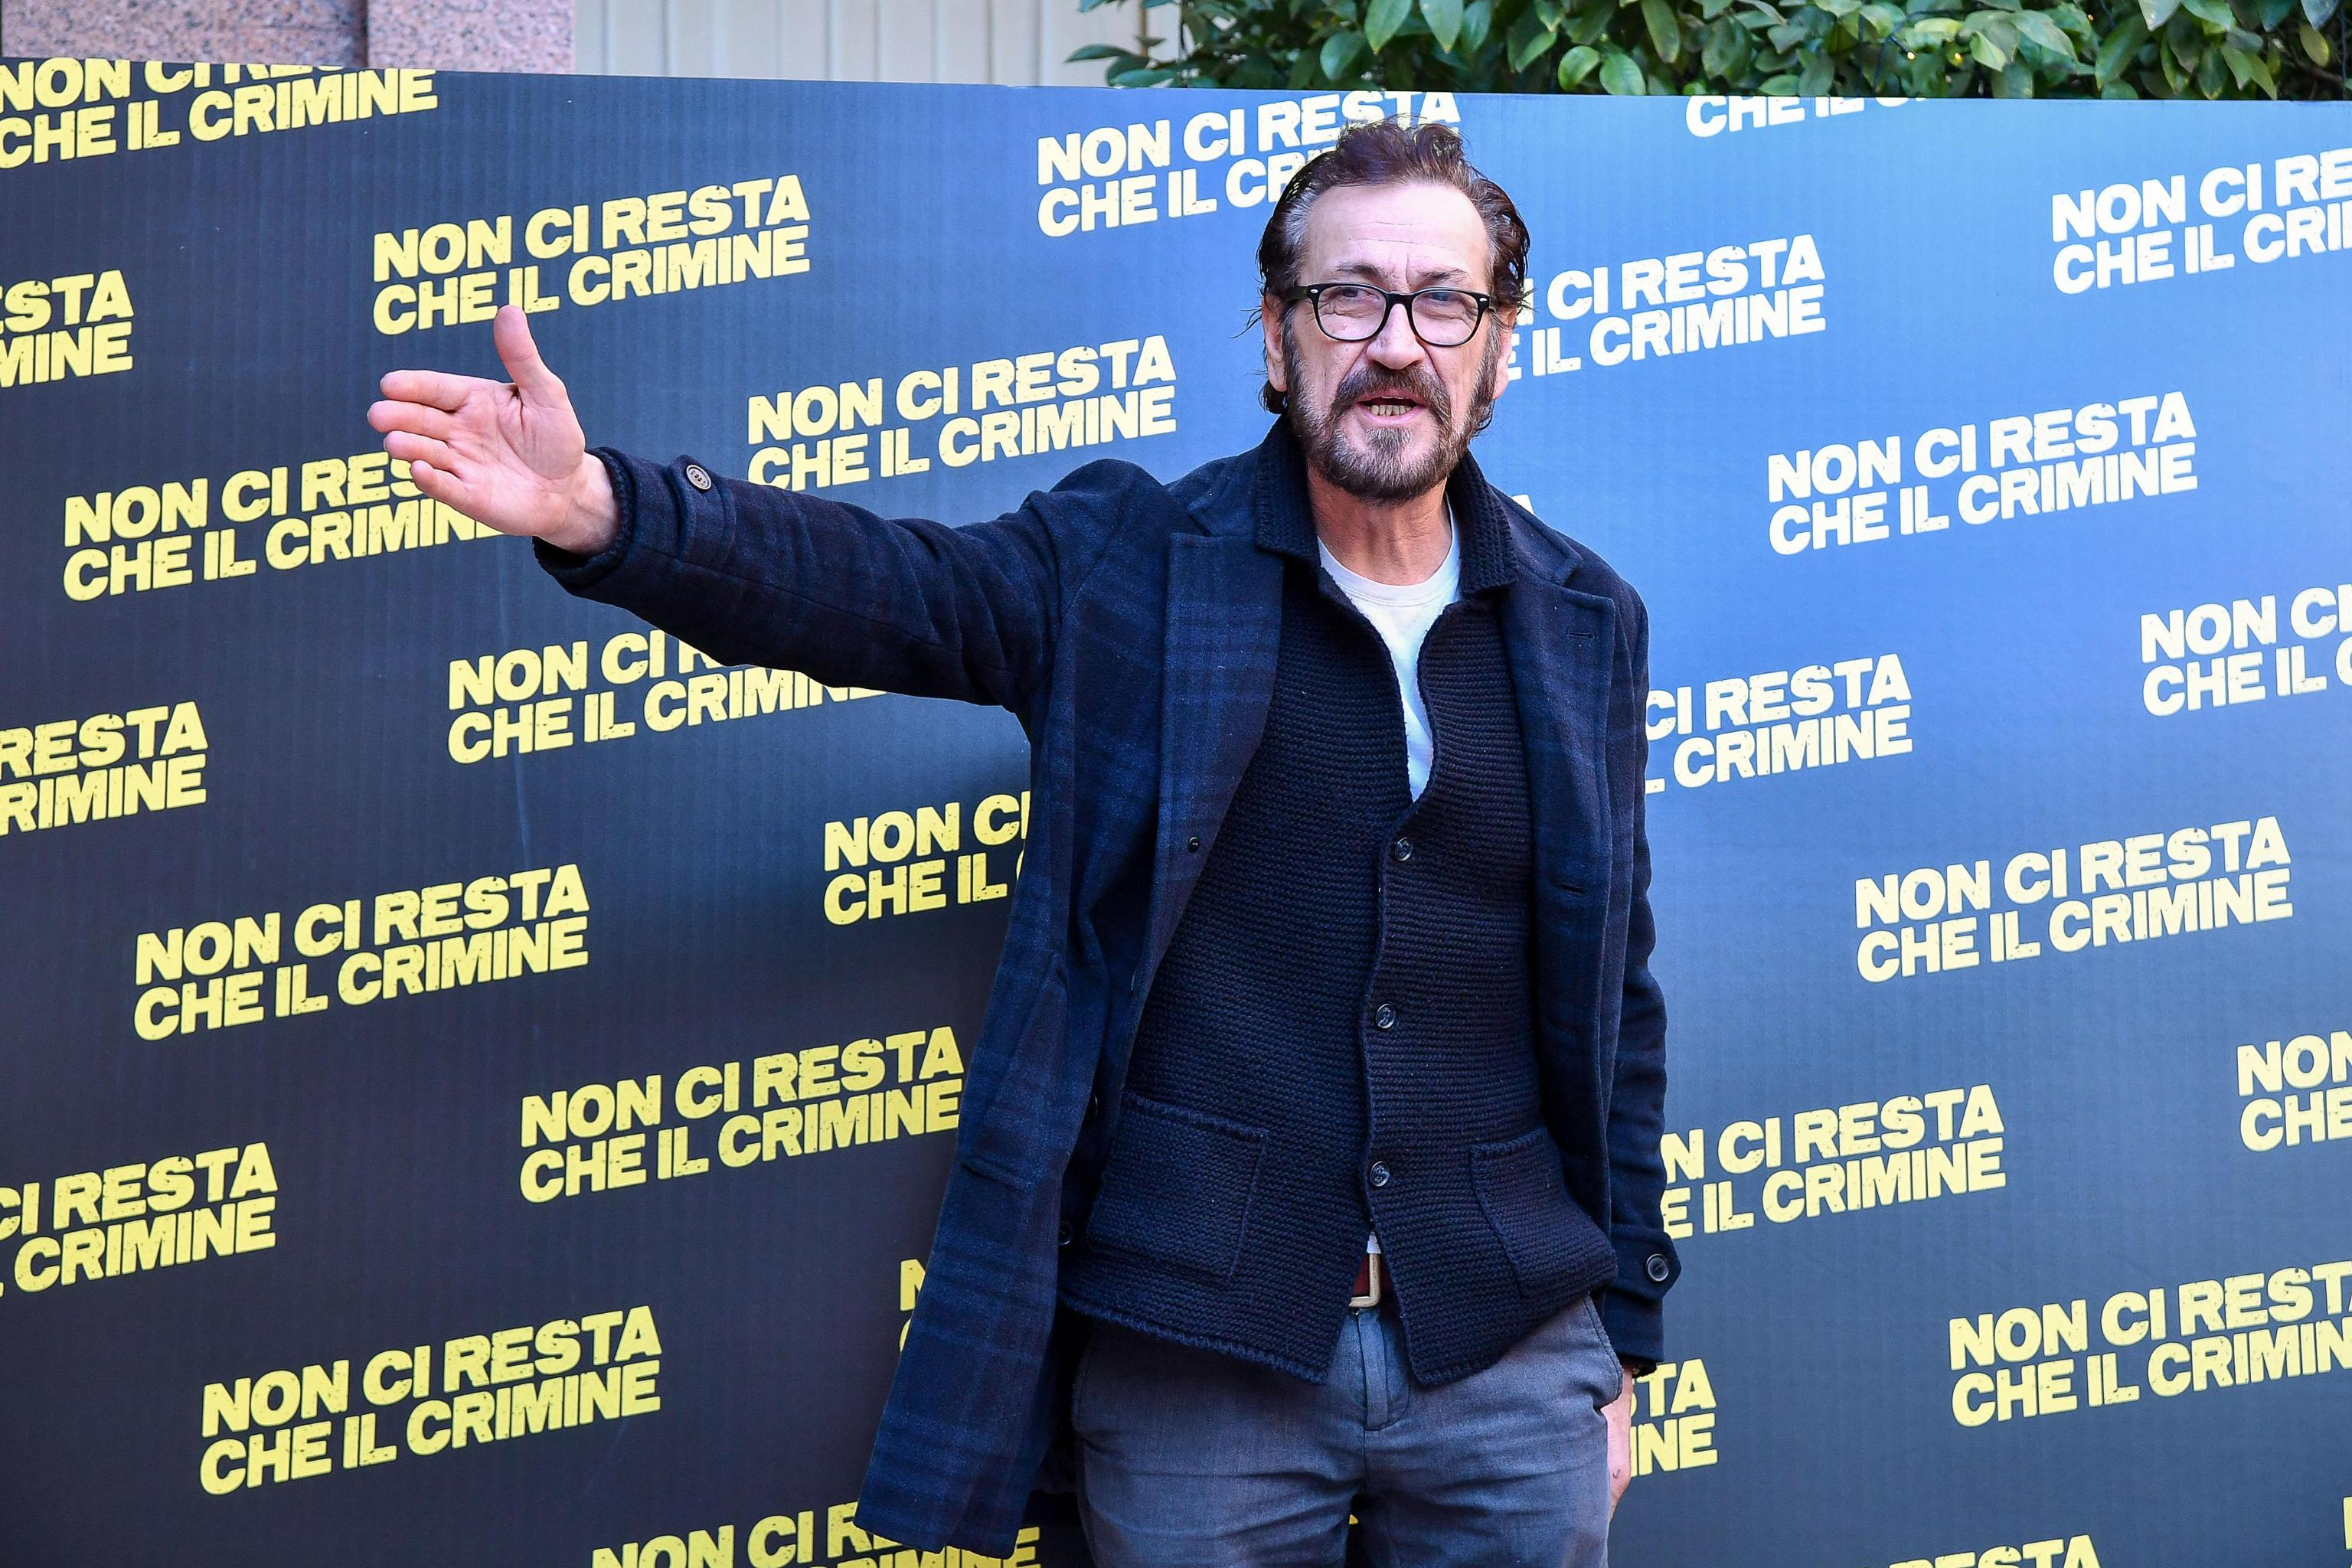 Marco Giallini, polemica per la frase 'Mozzarella contaminata di Caserta' nel suo ultimo film